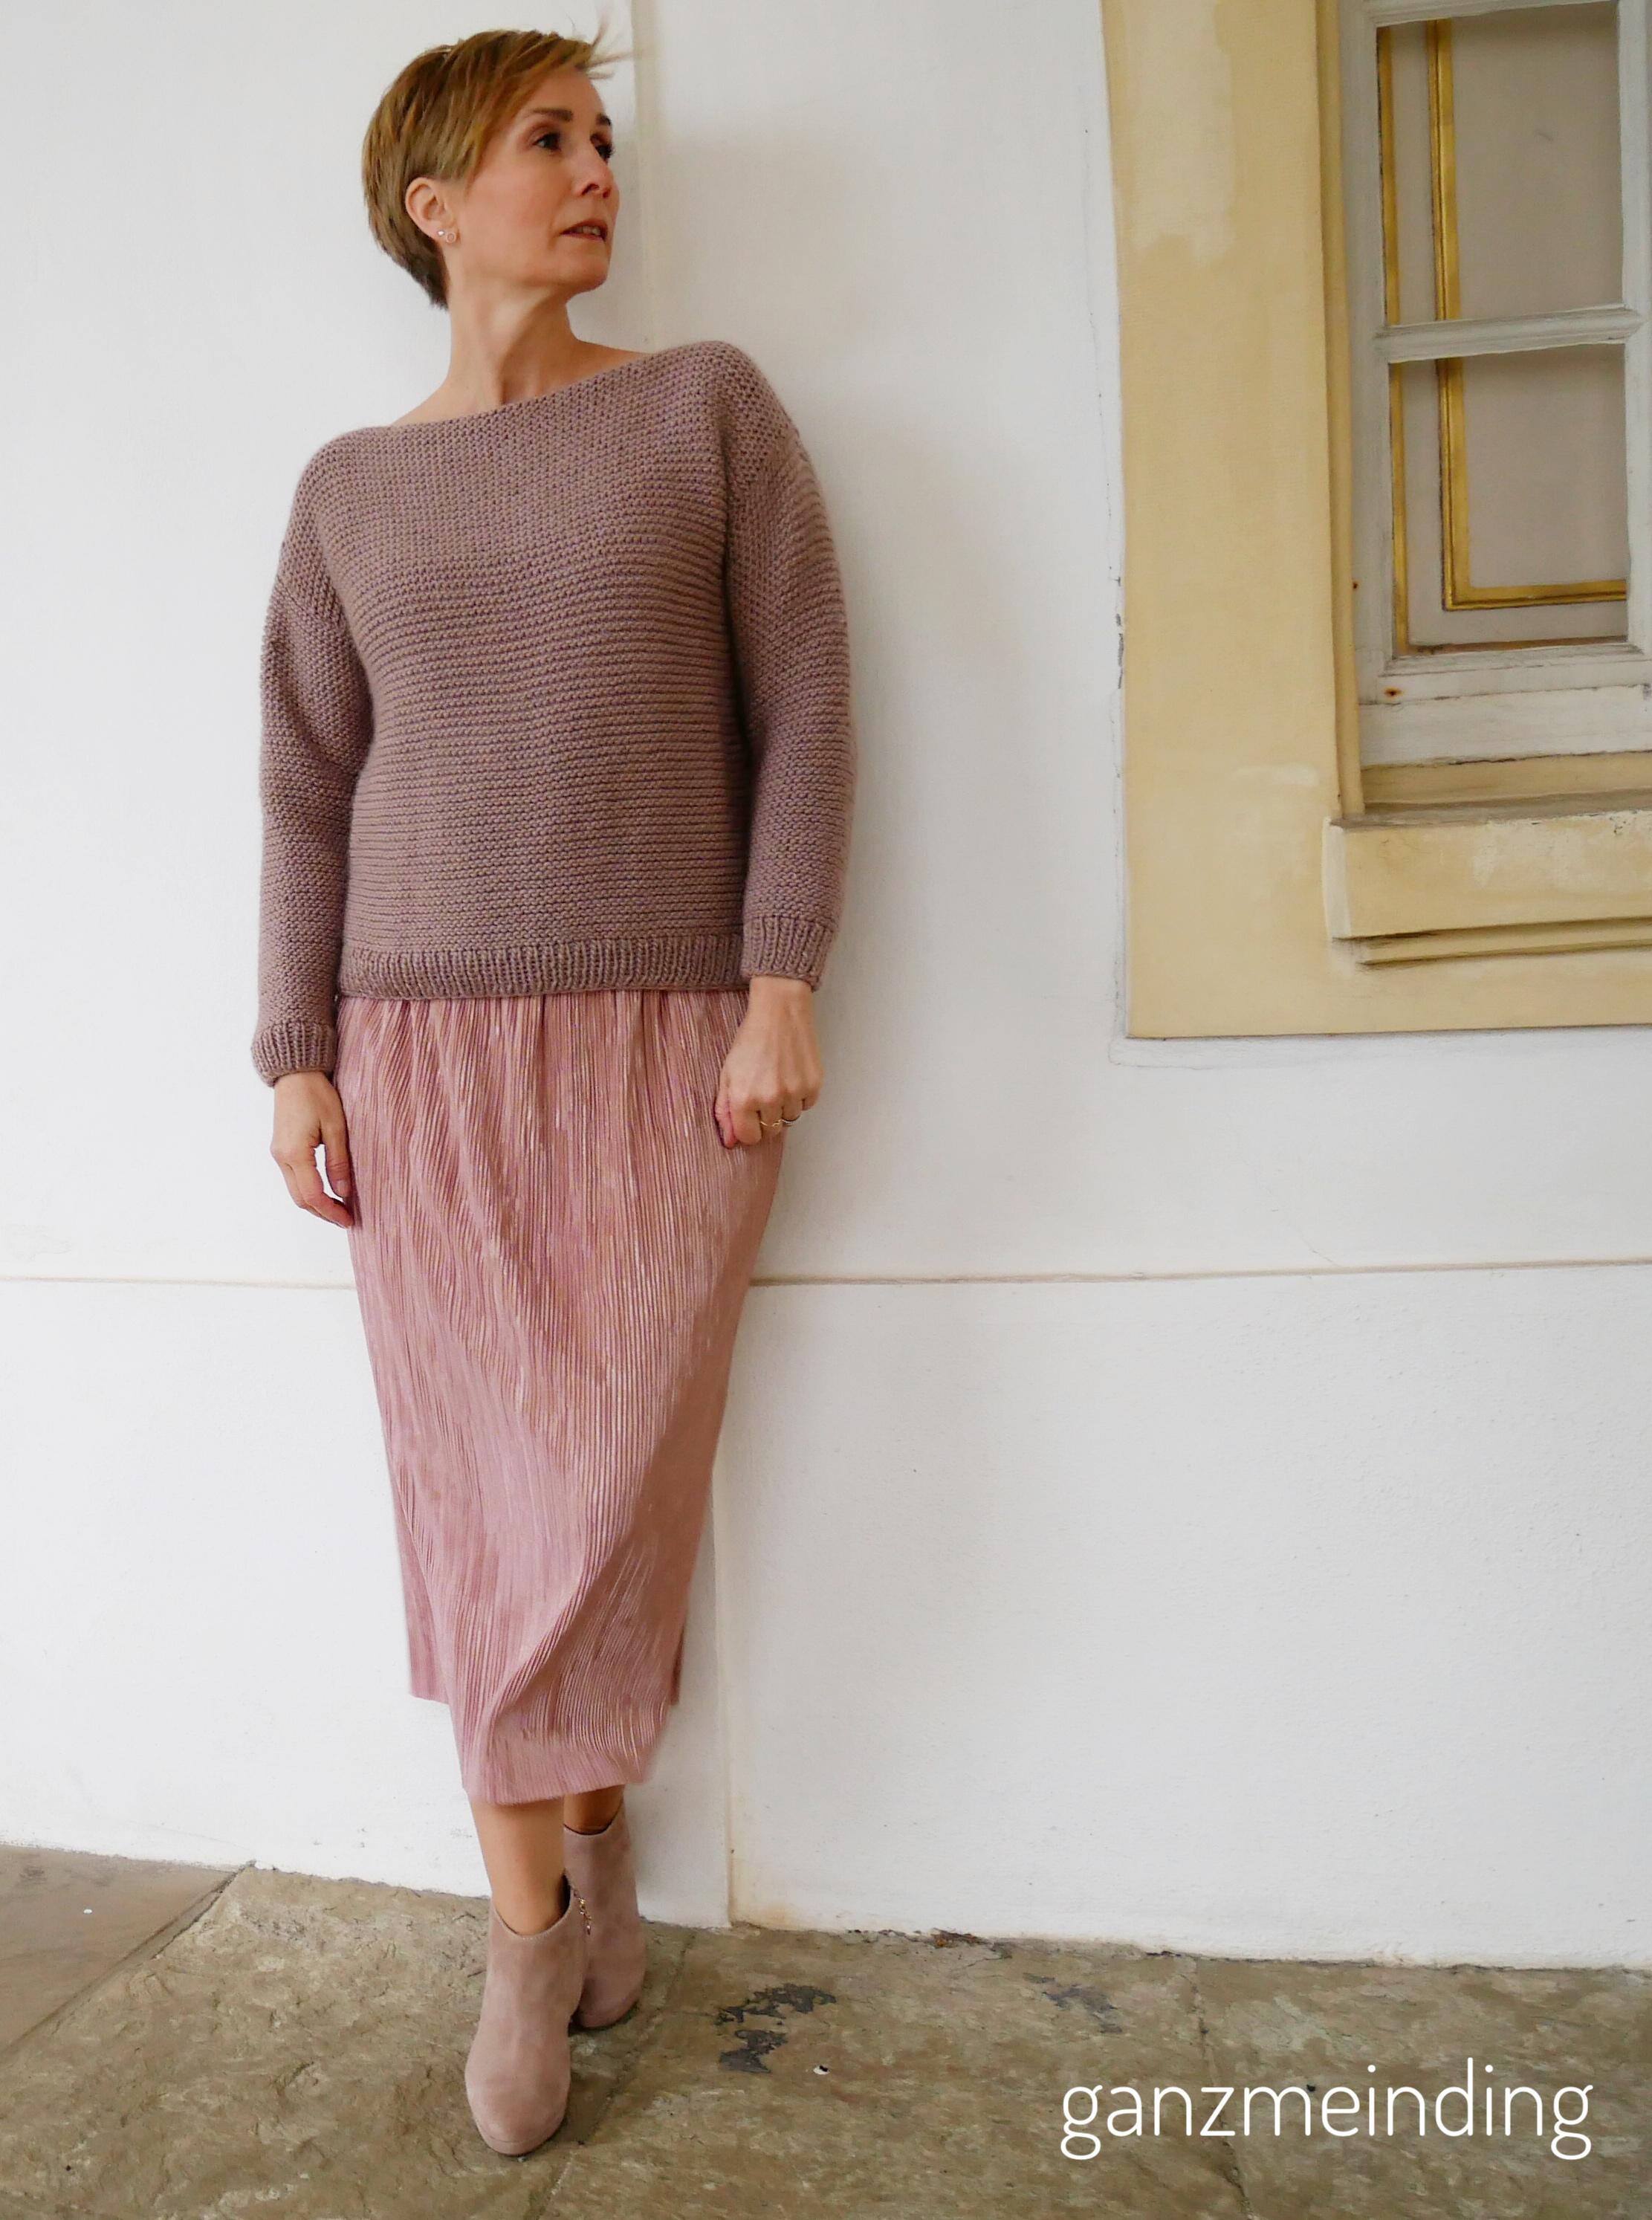 Plisseerock und Dalston Sweater von We are knitters genäht von ganzmeinding 08